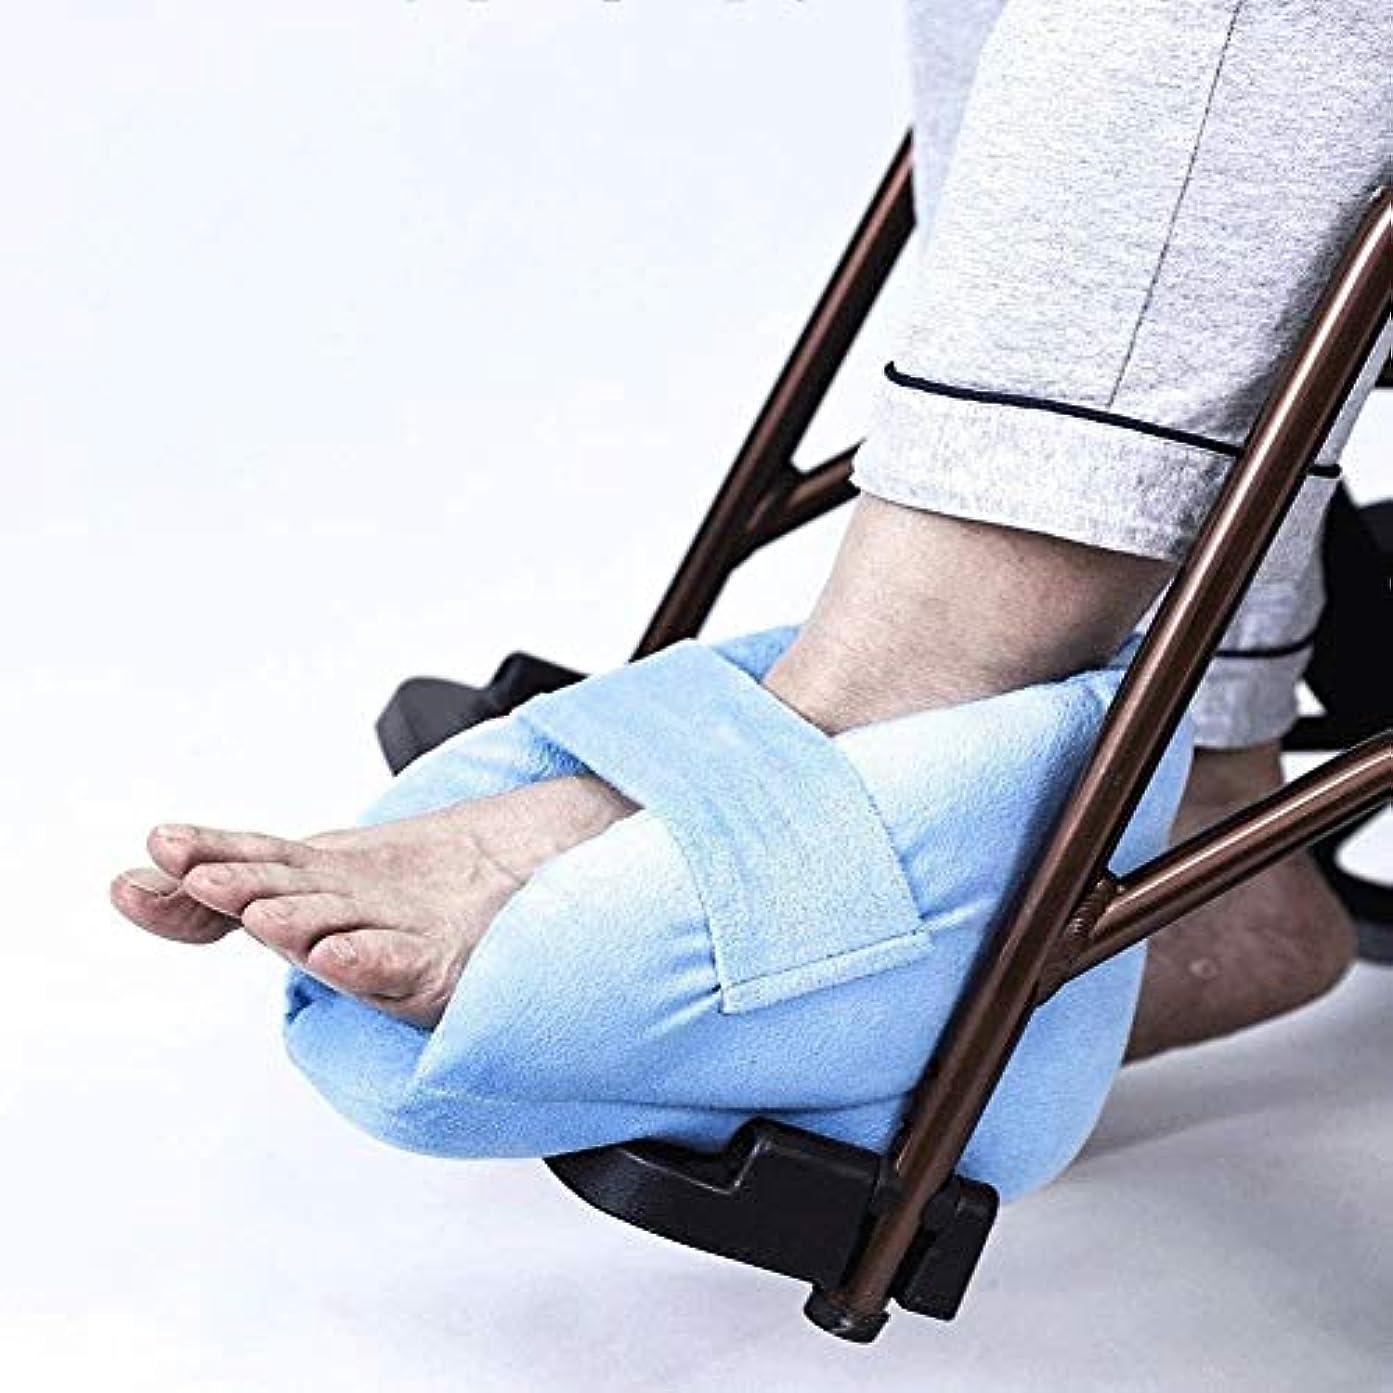 カトリック教徒スリップシューズ代表団かかとプロテクター枕、足補正カバー圧痛とかかと潰瘍の救済 高弾性スポンジ充填、ライトブルー-1ペア